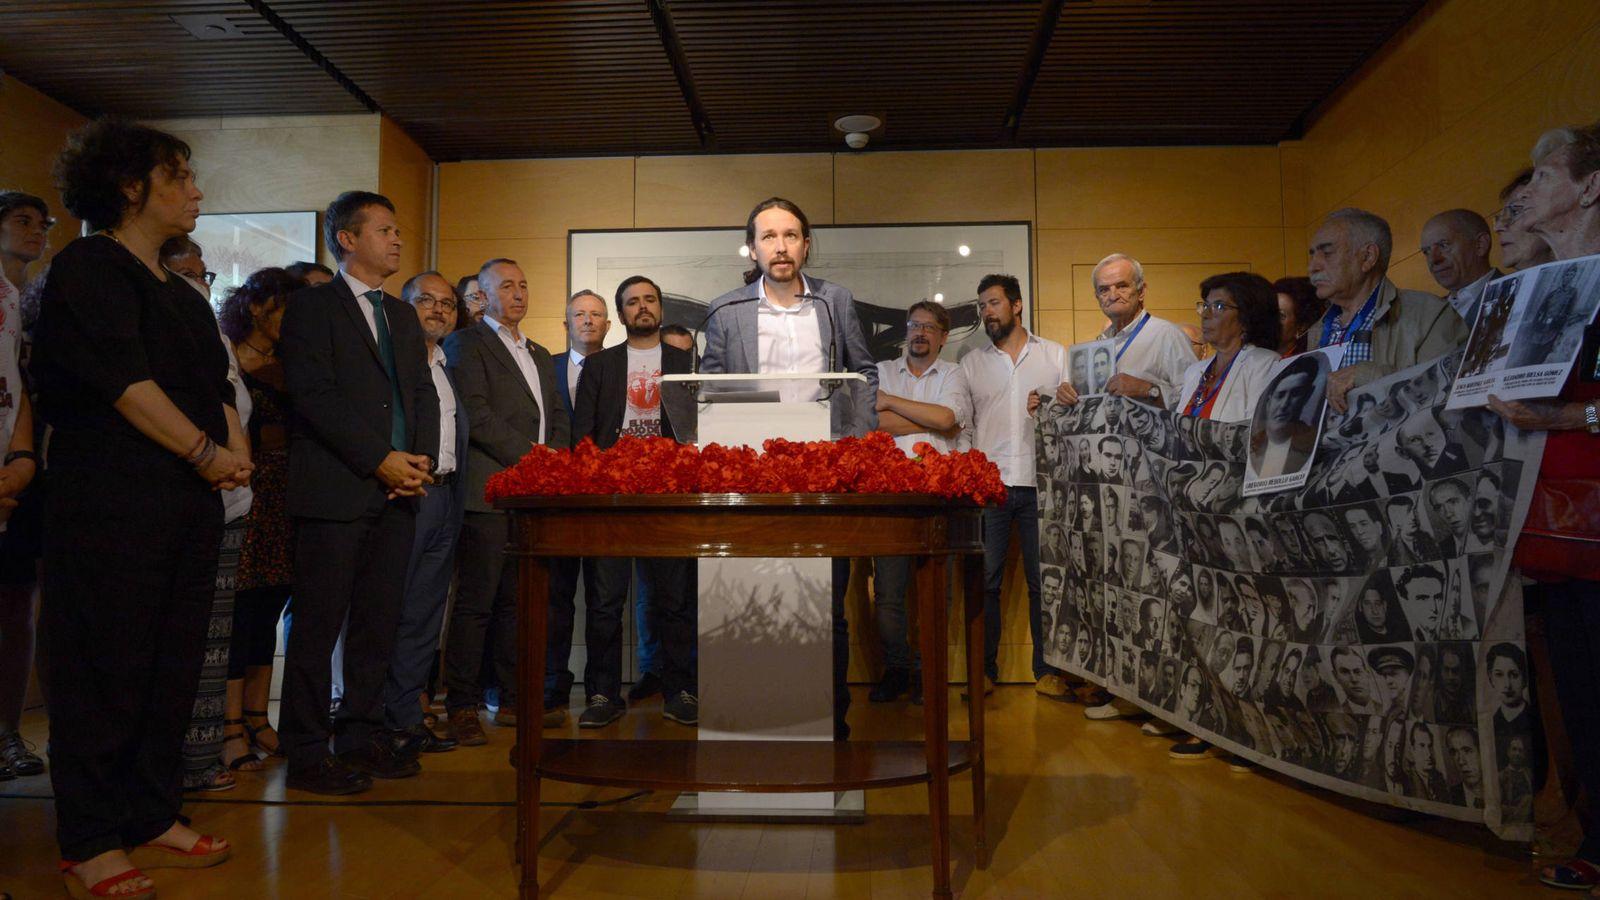 Foto: El líder de Podemos, Pablo Iglesias, interviene en al acto de homenaje paralelo junto a representantes de las víctimas franquistas y portavoces de otras formaciones. (Dani Gago)